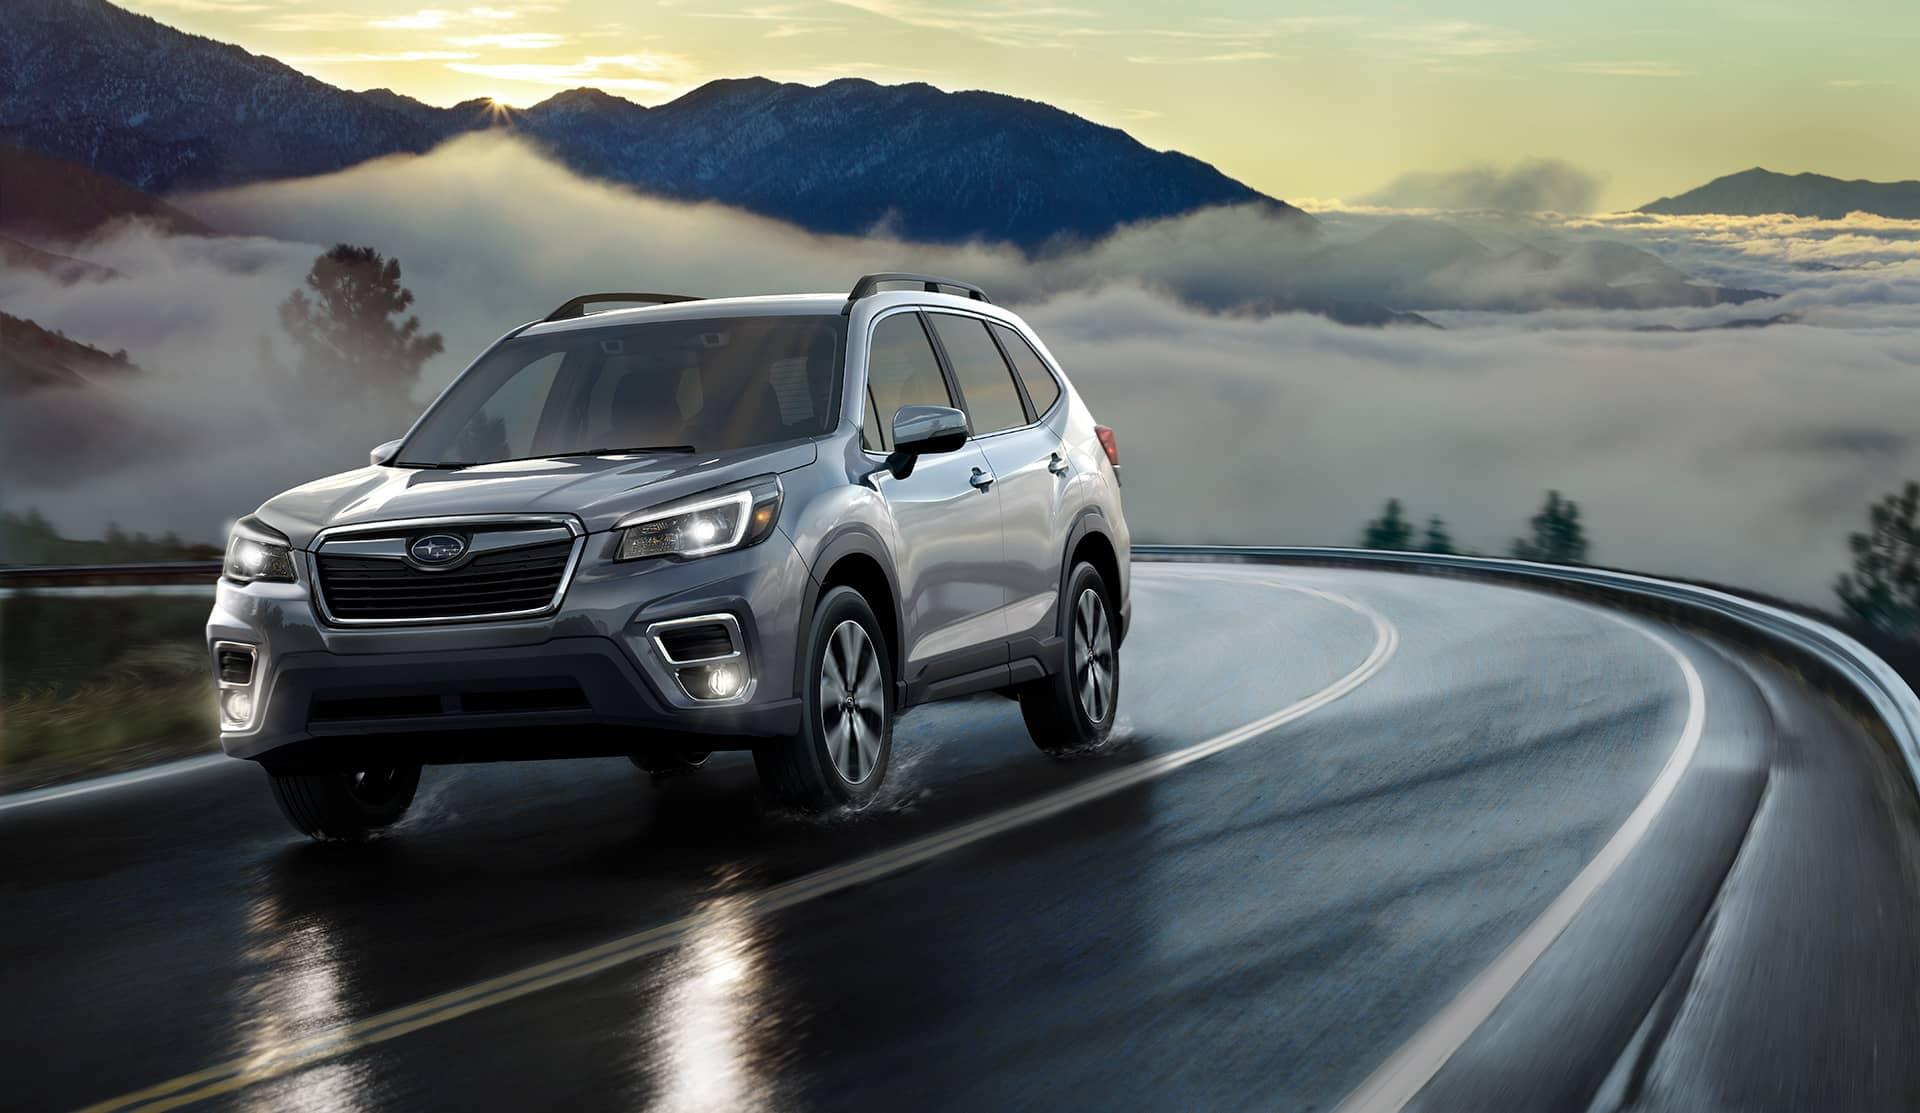 Subaru Forester 2020 sur une route au-dessus des nuages